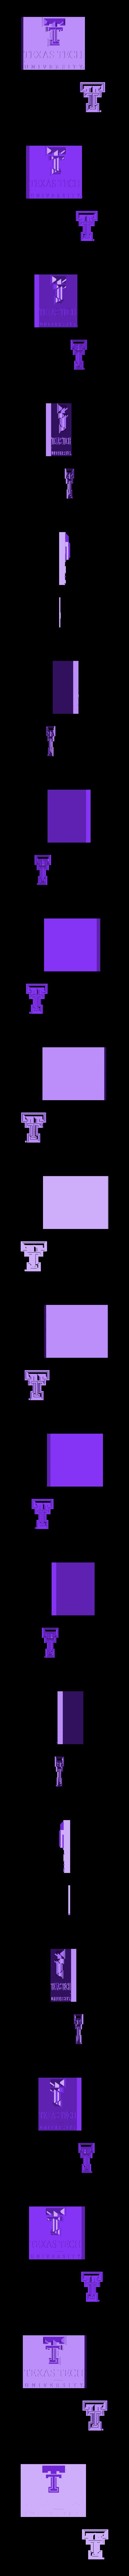 F62d143a 1943 48d8 bb85 3bd9457a44df